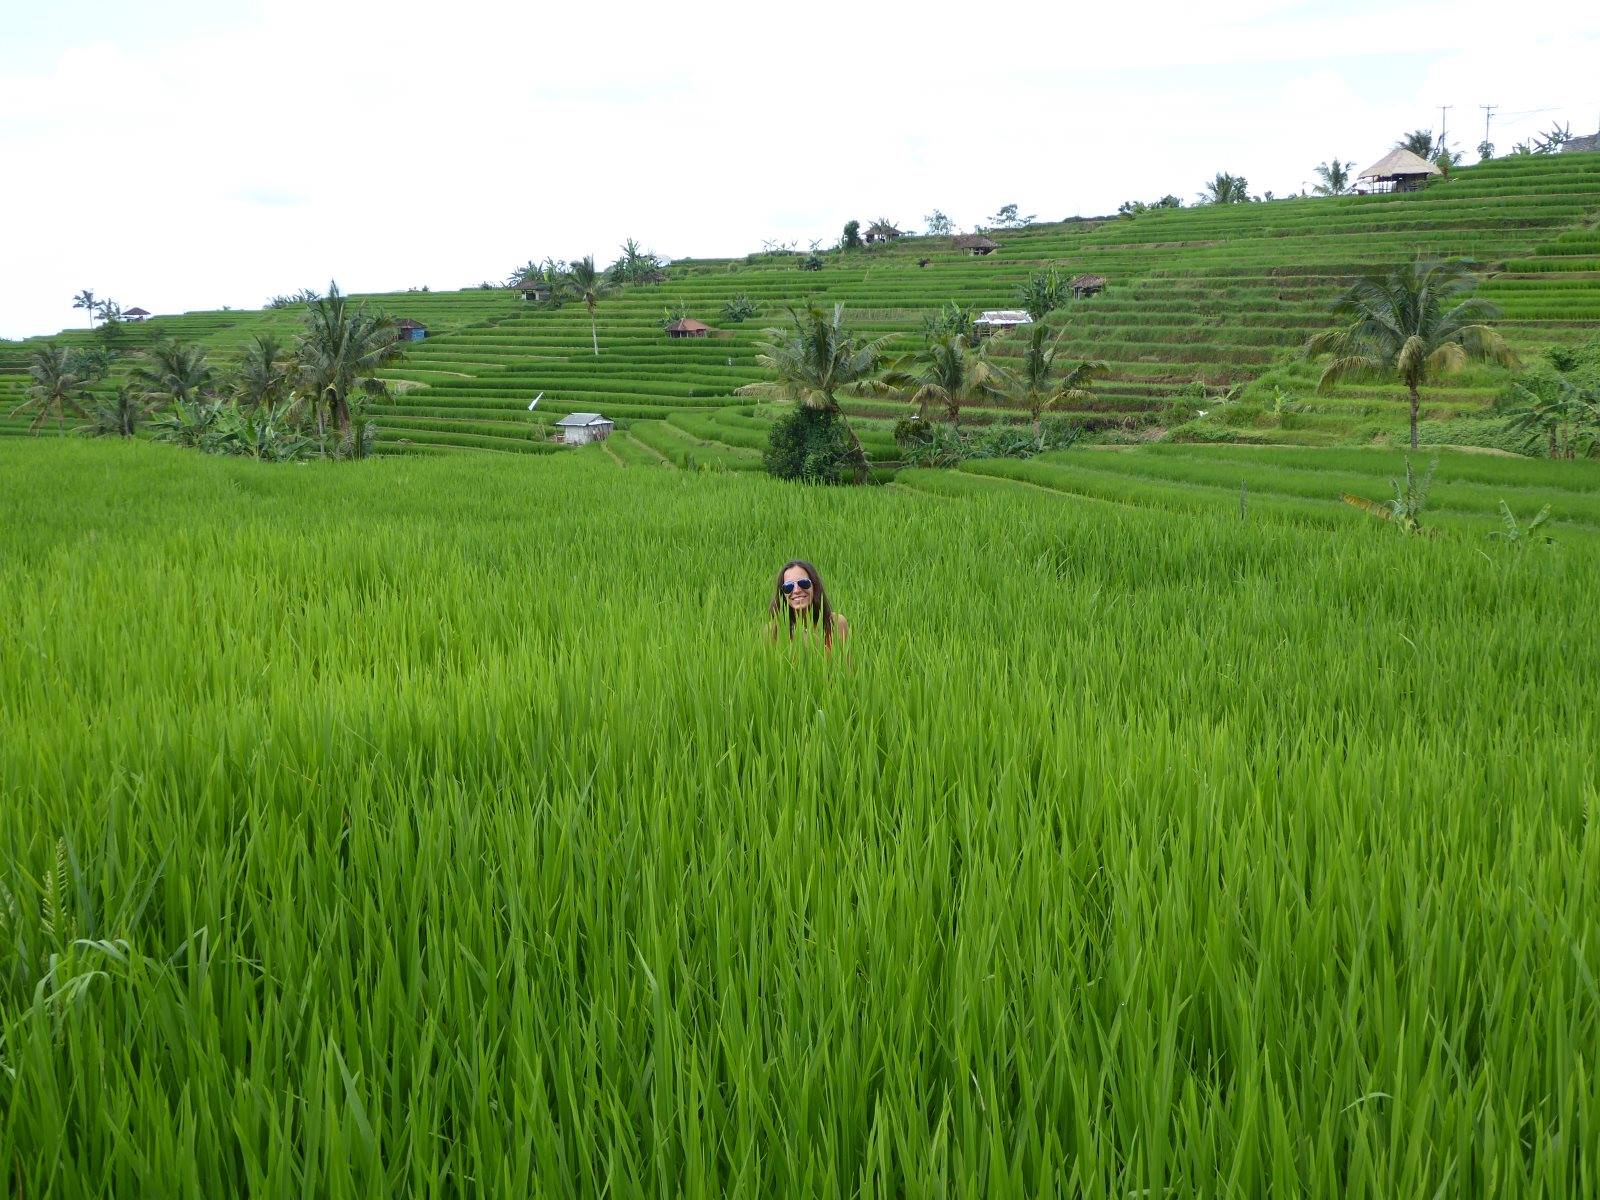 Sárga ruhás lány - Rizsföld, Bali